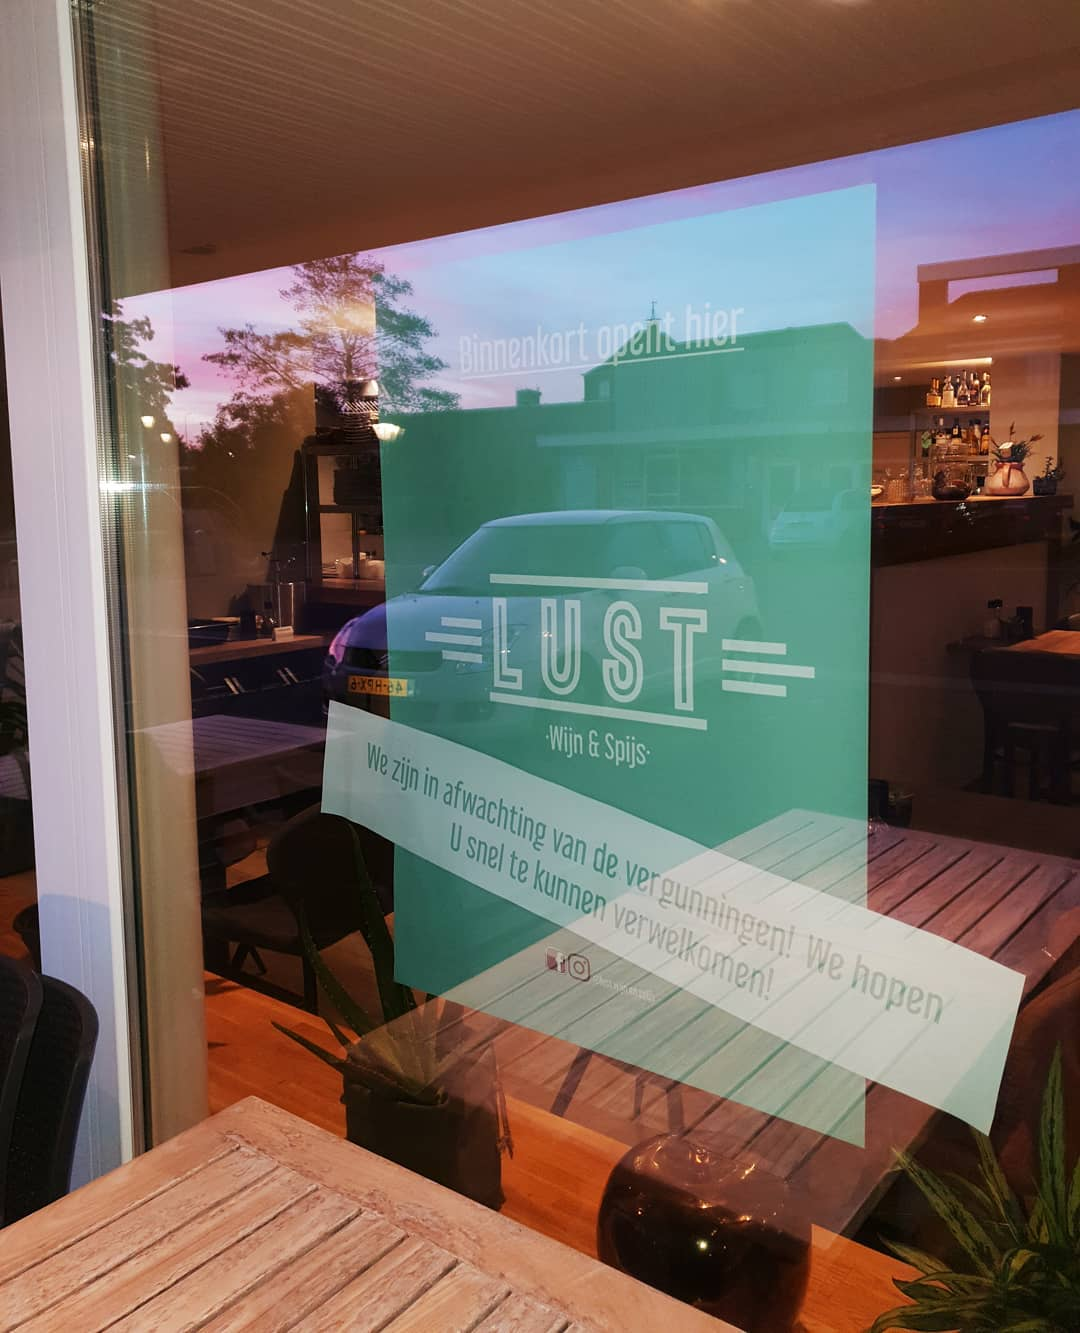 Lust Wijn en Spijs - Numansdorp - Restaurant - Lunchroom (2)